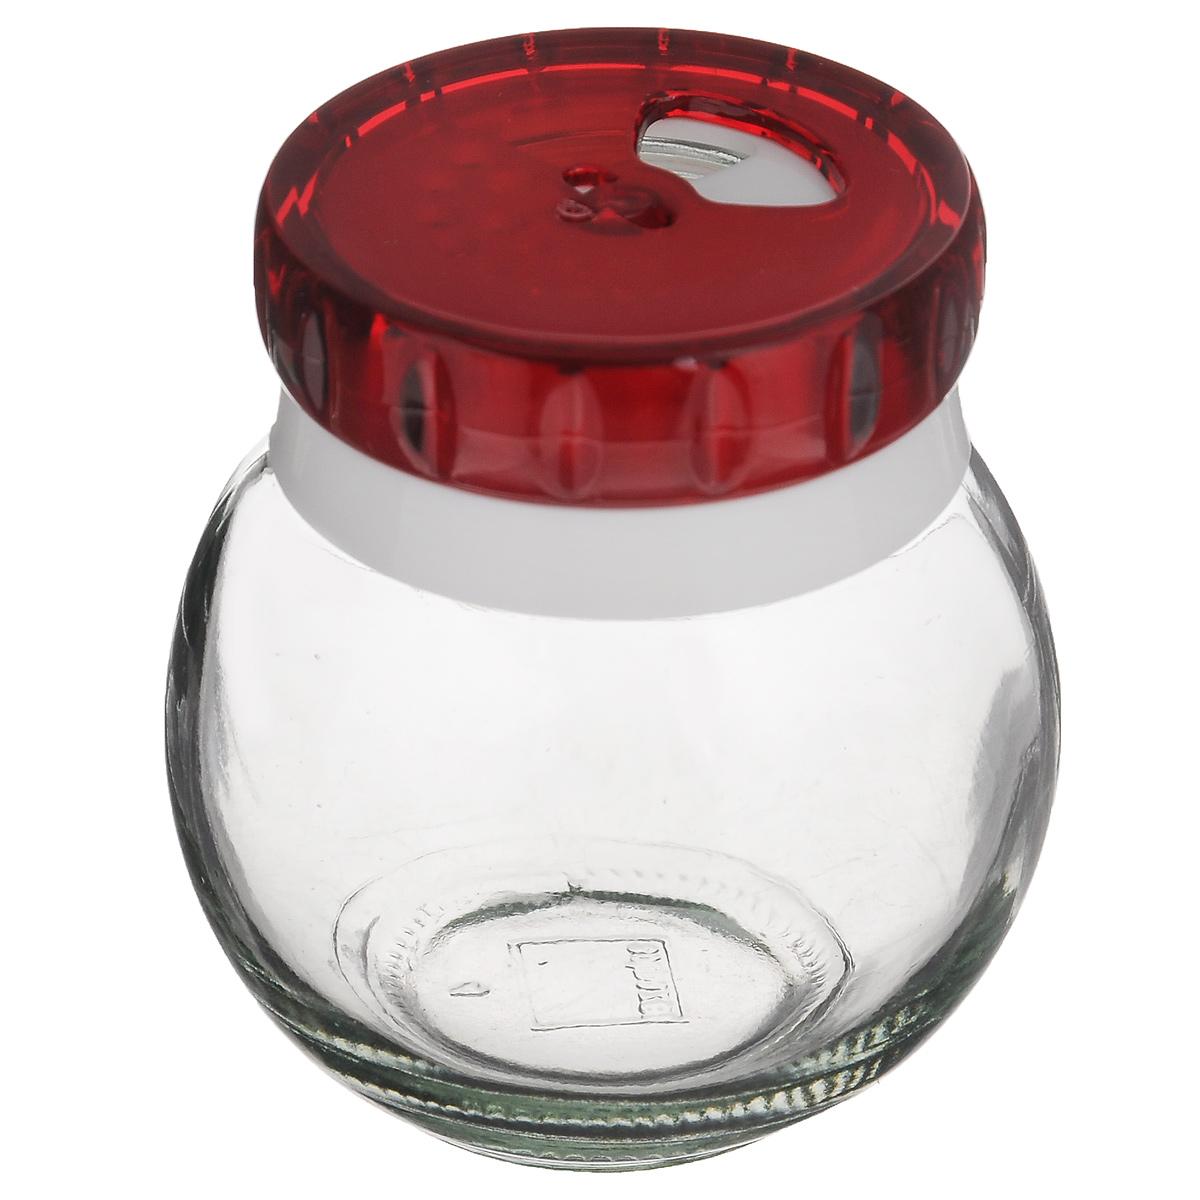 Банка для специй Herevin, цвет: красный, 200 мл. 131007-8024630003364517Банка для специй Herevin выполнена из прозрачного стекла и оснащена пластиковой цветной крышкой с отверстиями разного размера, благодаря которым, вы сможете приправить блюда, просто перевернув банку. Крышка снабжена поворотным механизмом, благодаря которому вы сможете регулировать степень подачи специй. Крышка легко откручивается, благодаря чему засыпать приправу внутрь очень просто. Такая баночка станет достойным дополнением к вашему кухонному инвентарю. Можно мыть в посудомоечной машине.Объем: 200 мл.Диаметр (по верхнему краю): 4 см.Высота банки (без учета крышки): 7 см.